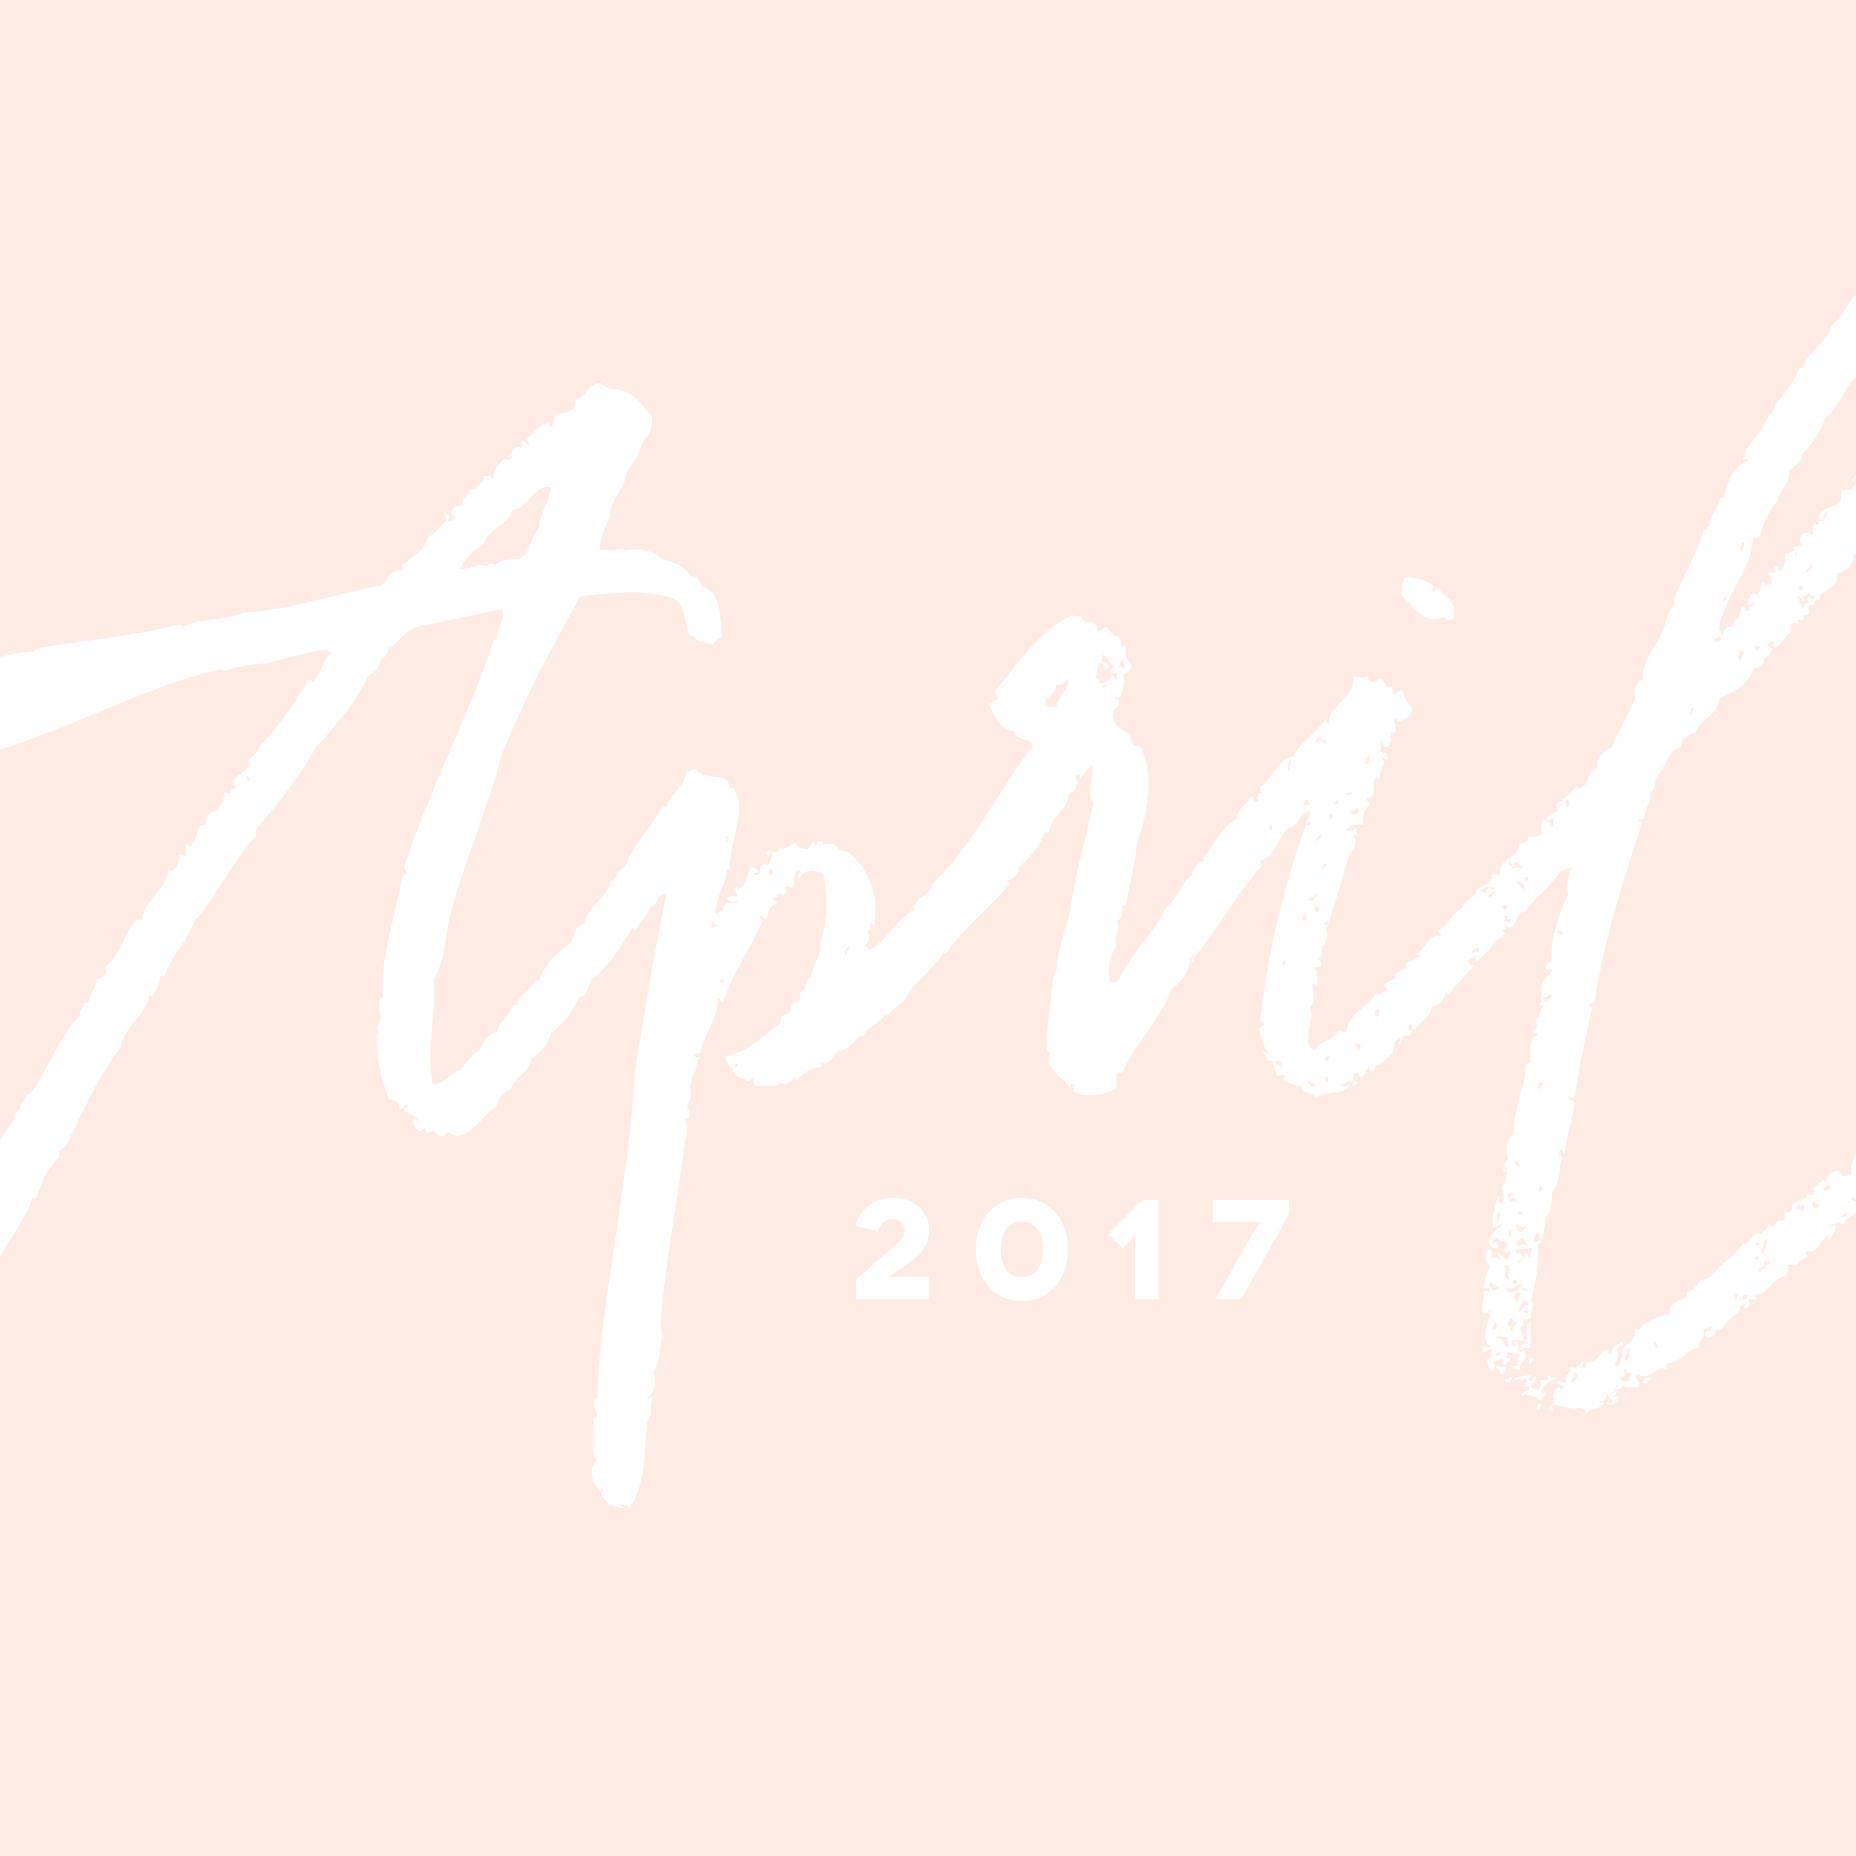 April 2017 Instagram Download